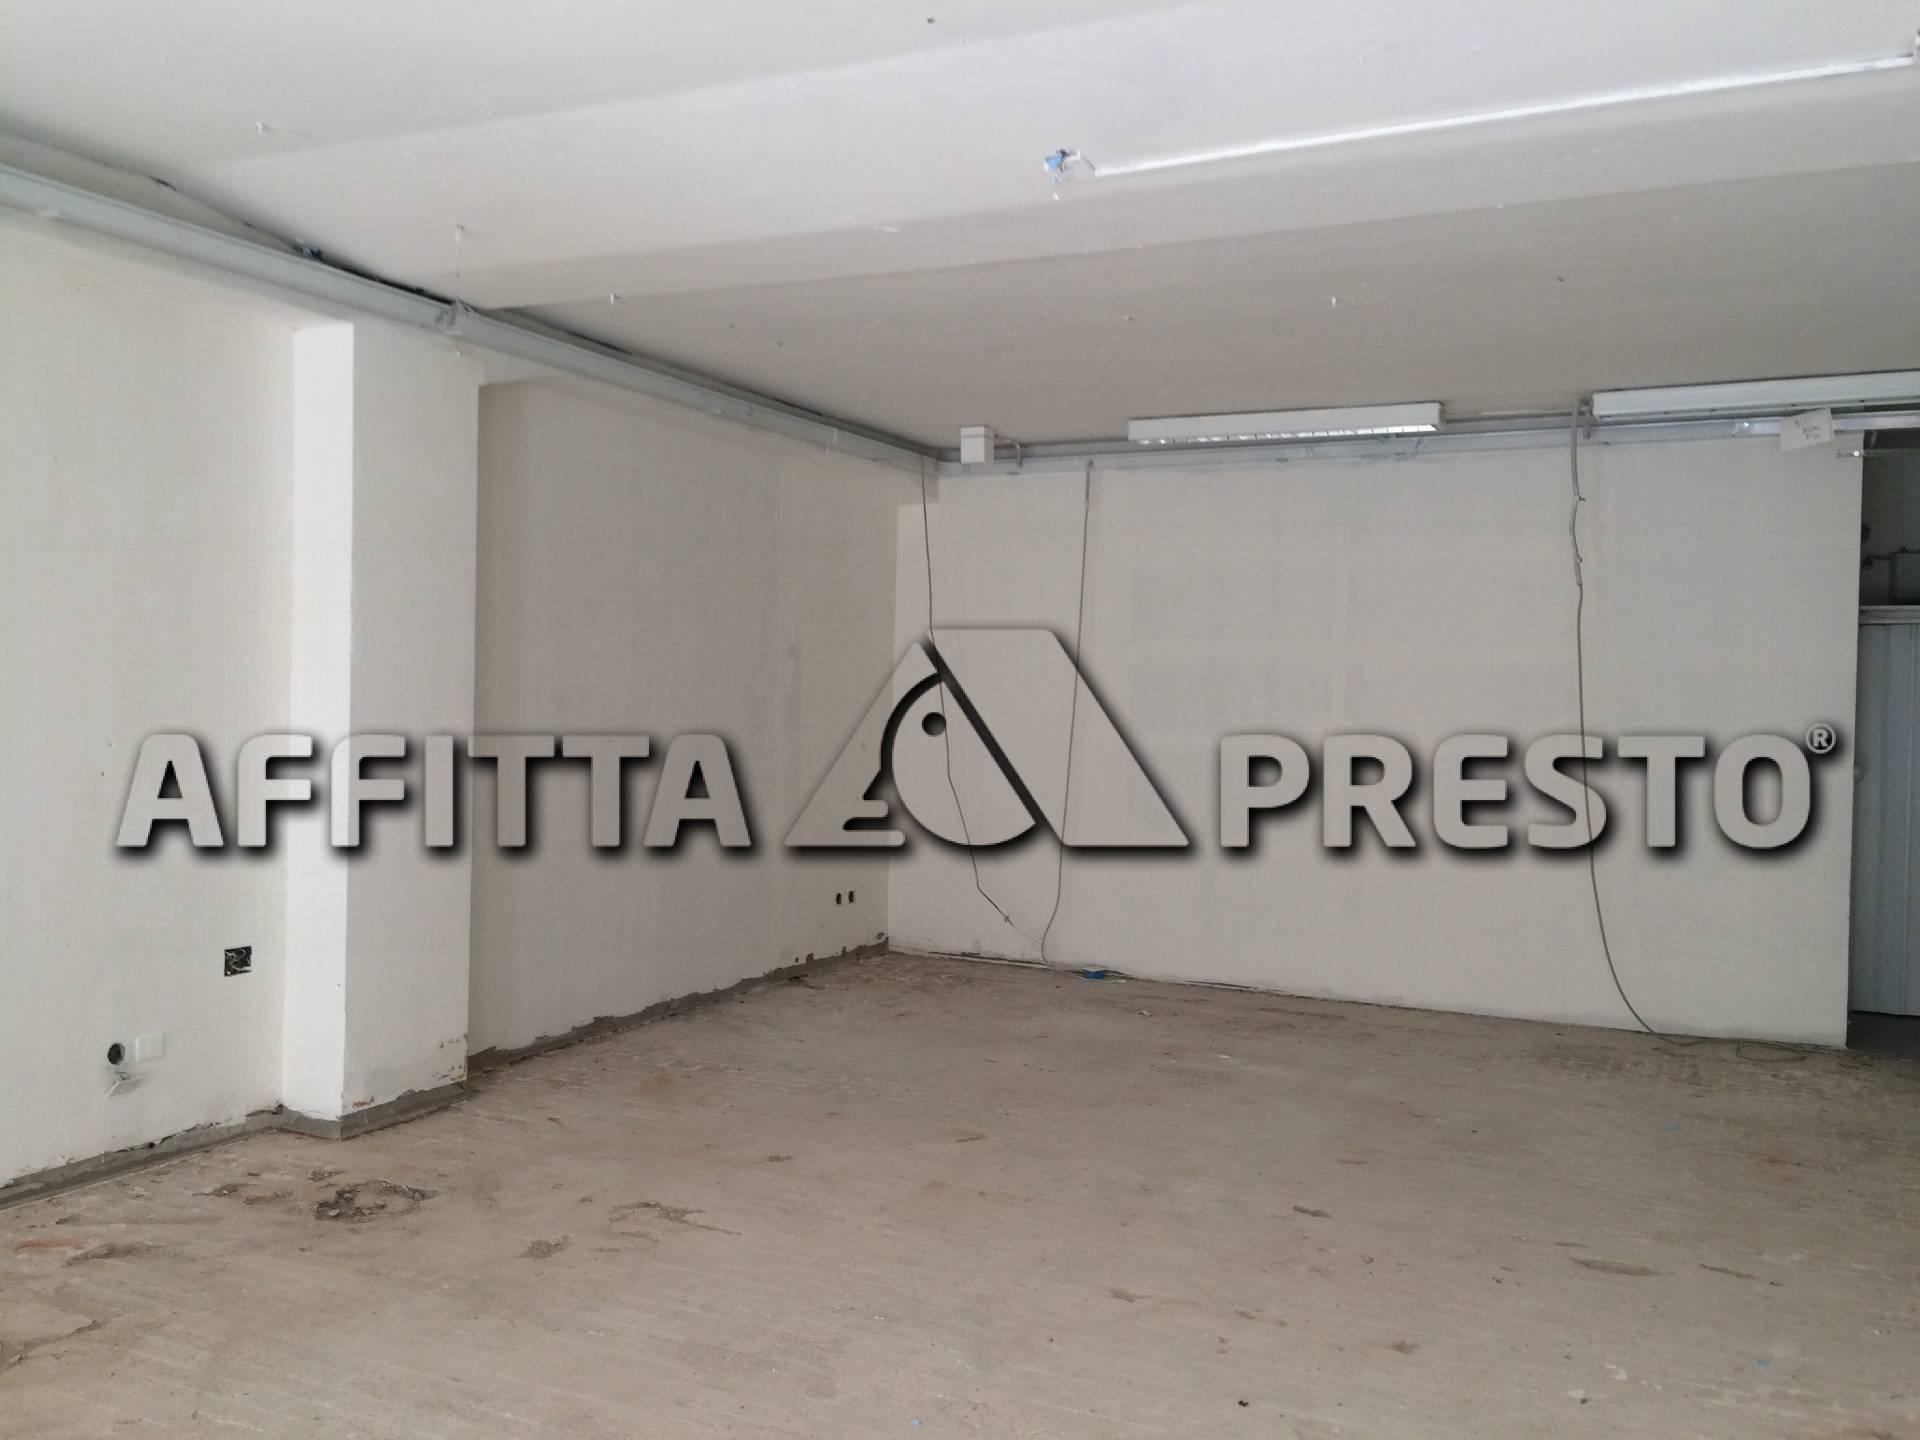 Attività commerciale in affitto a San Martino, Pisa